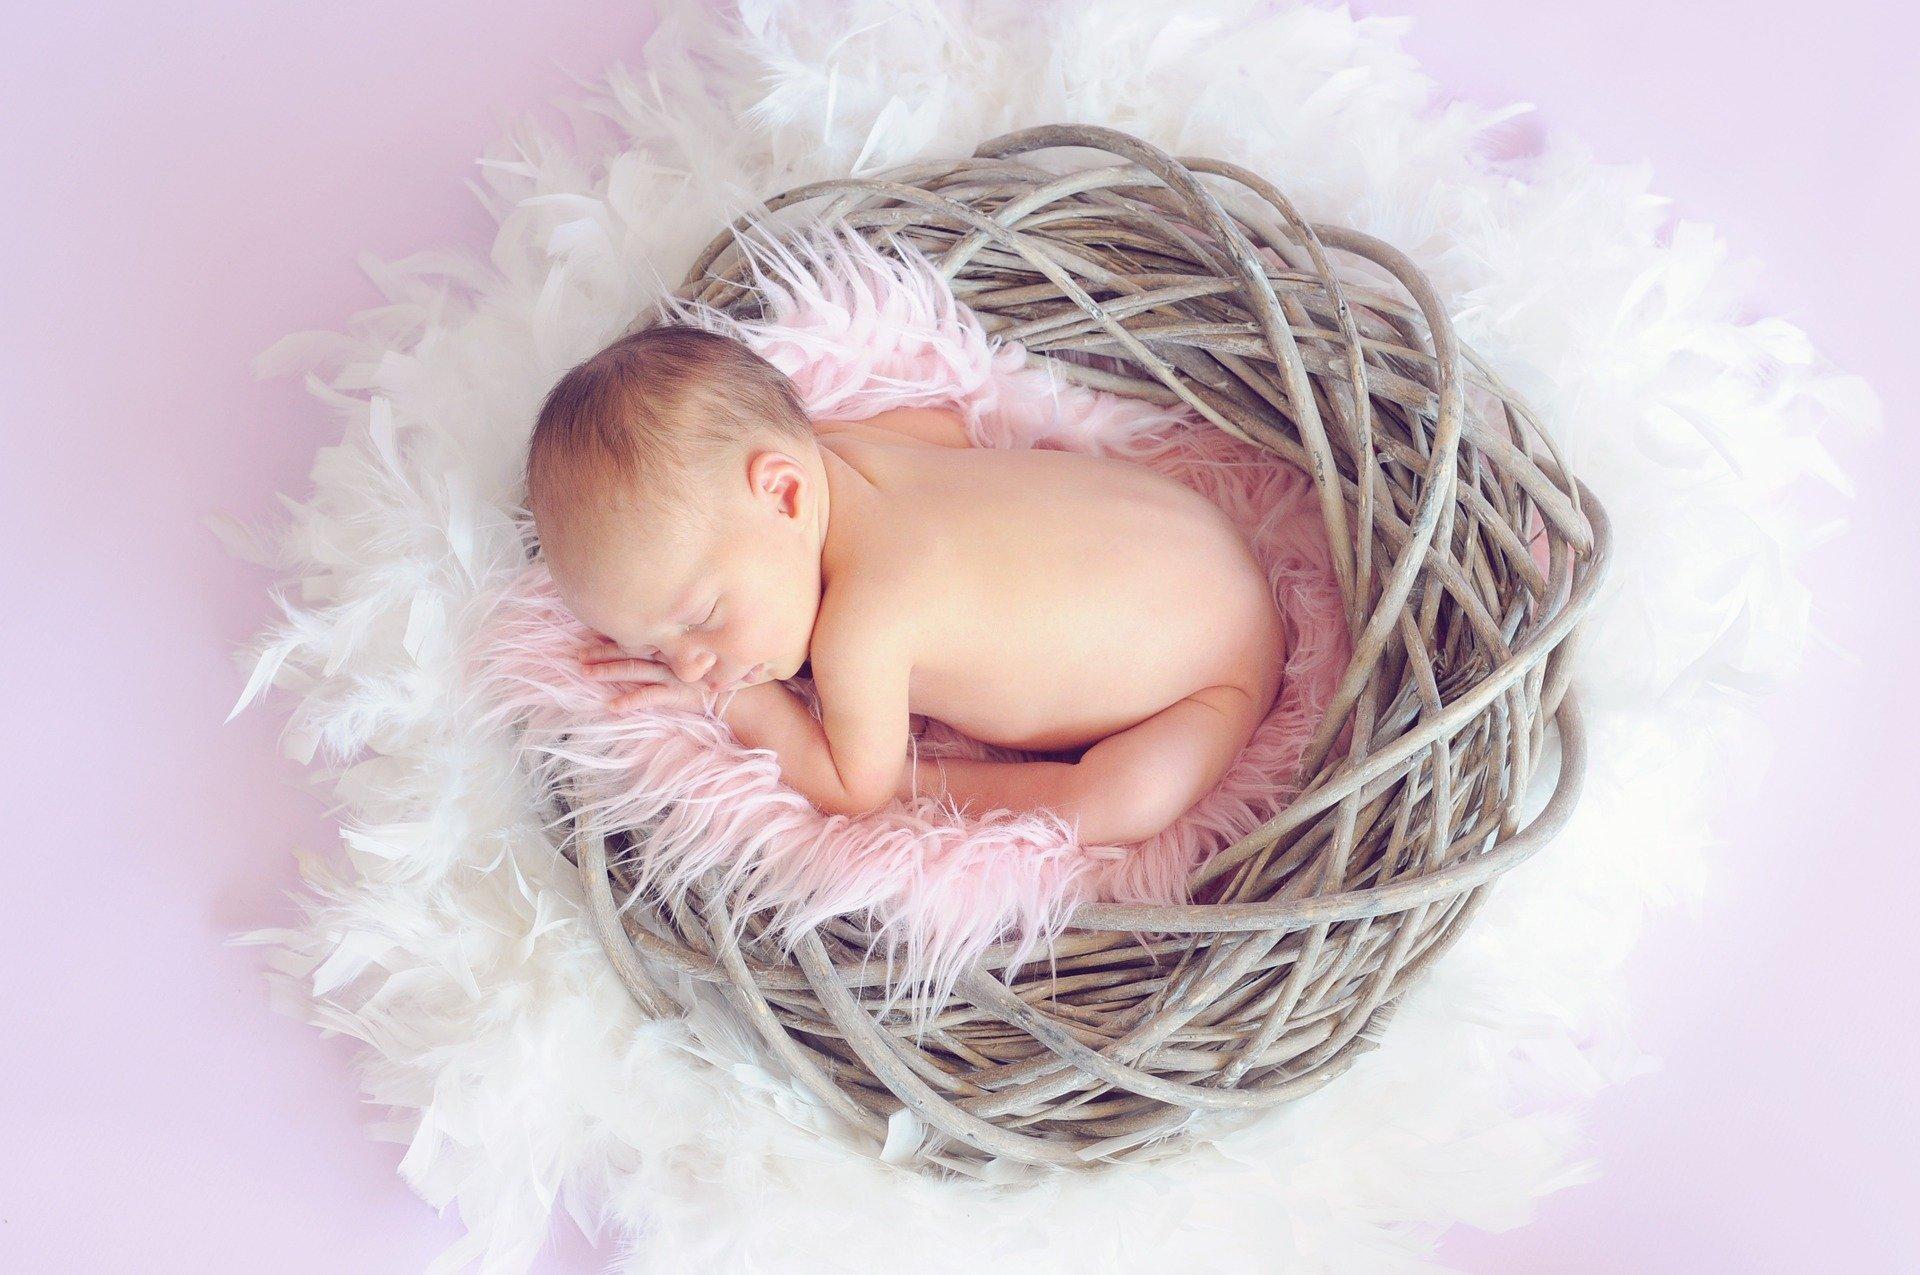 Séance photo pour une naissance